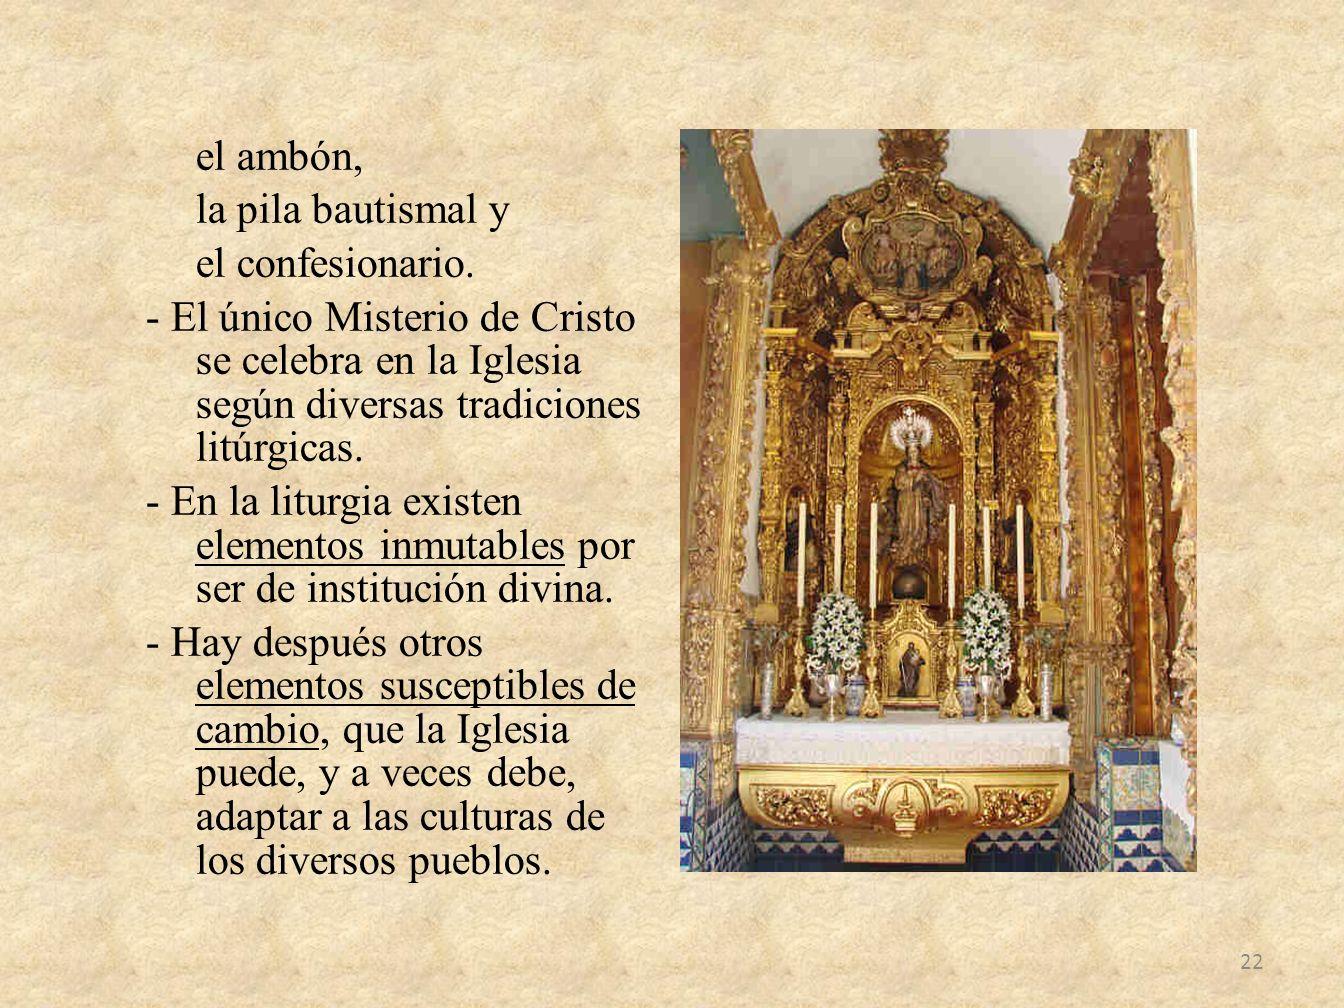 el ambón, la pila bautismal y el confesionario.